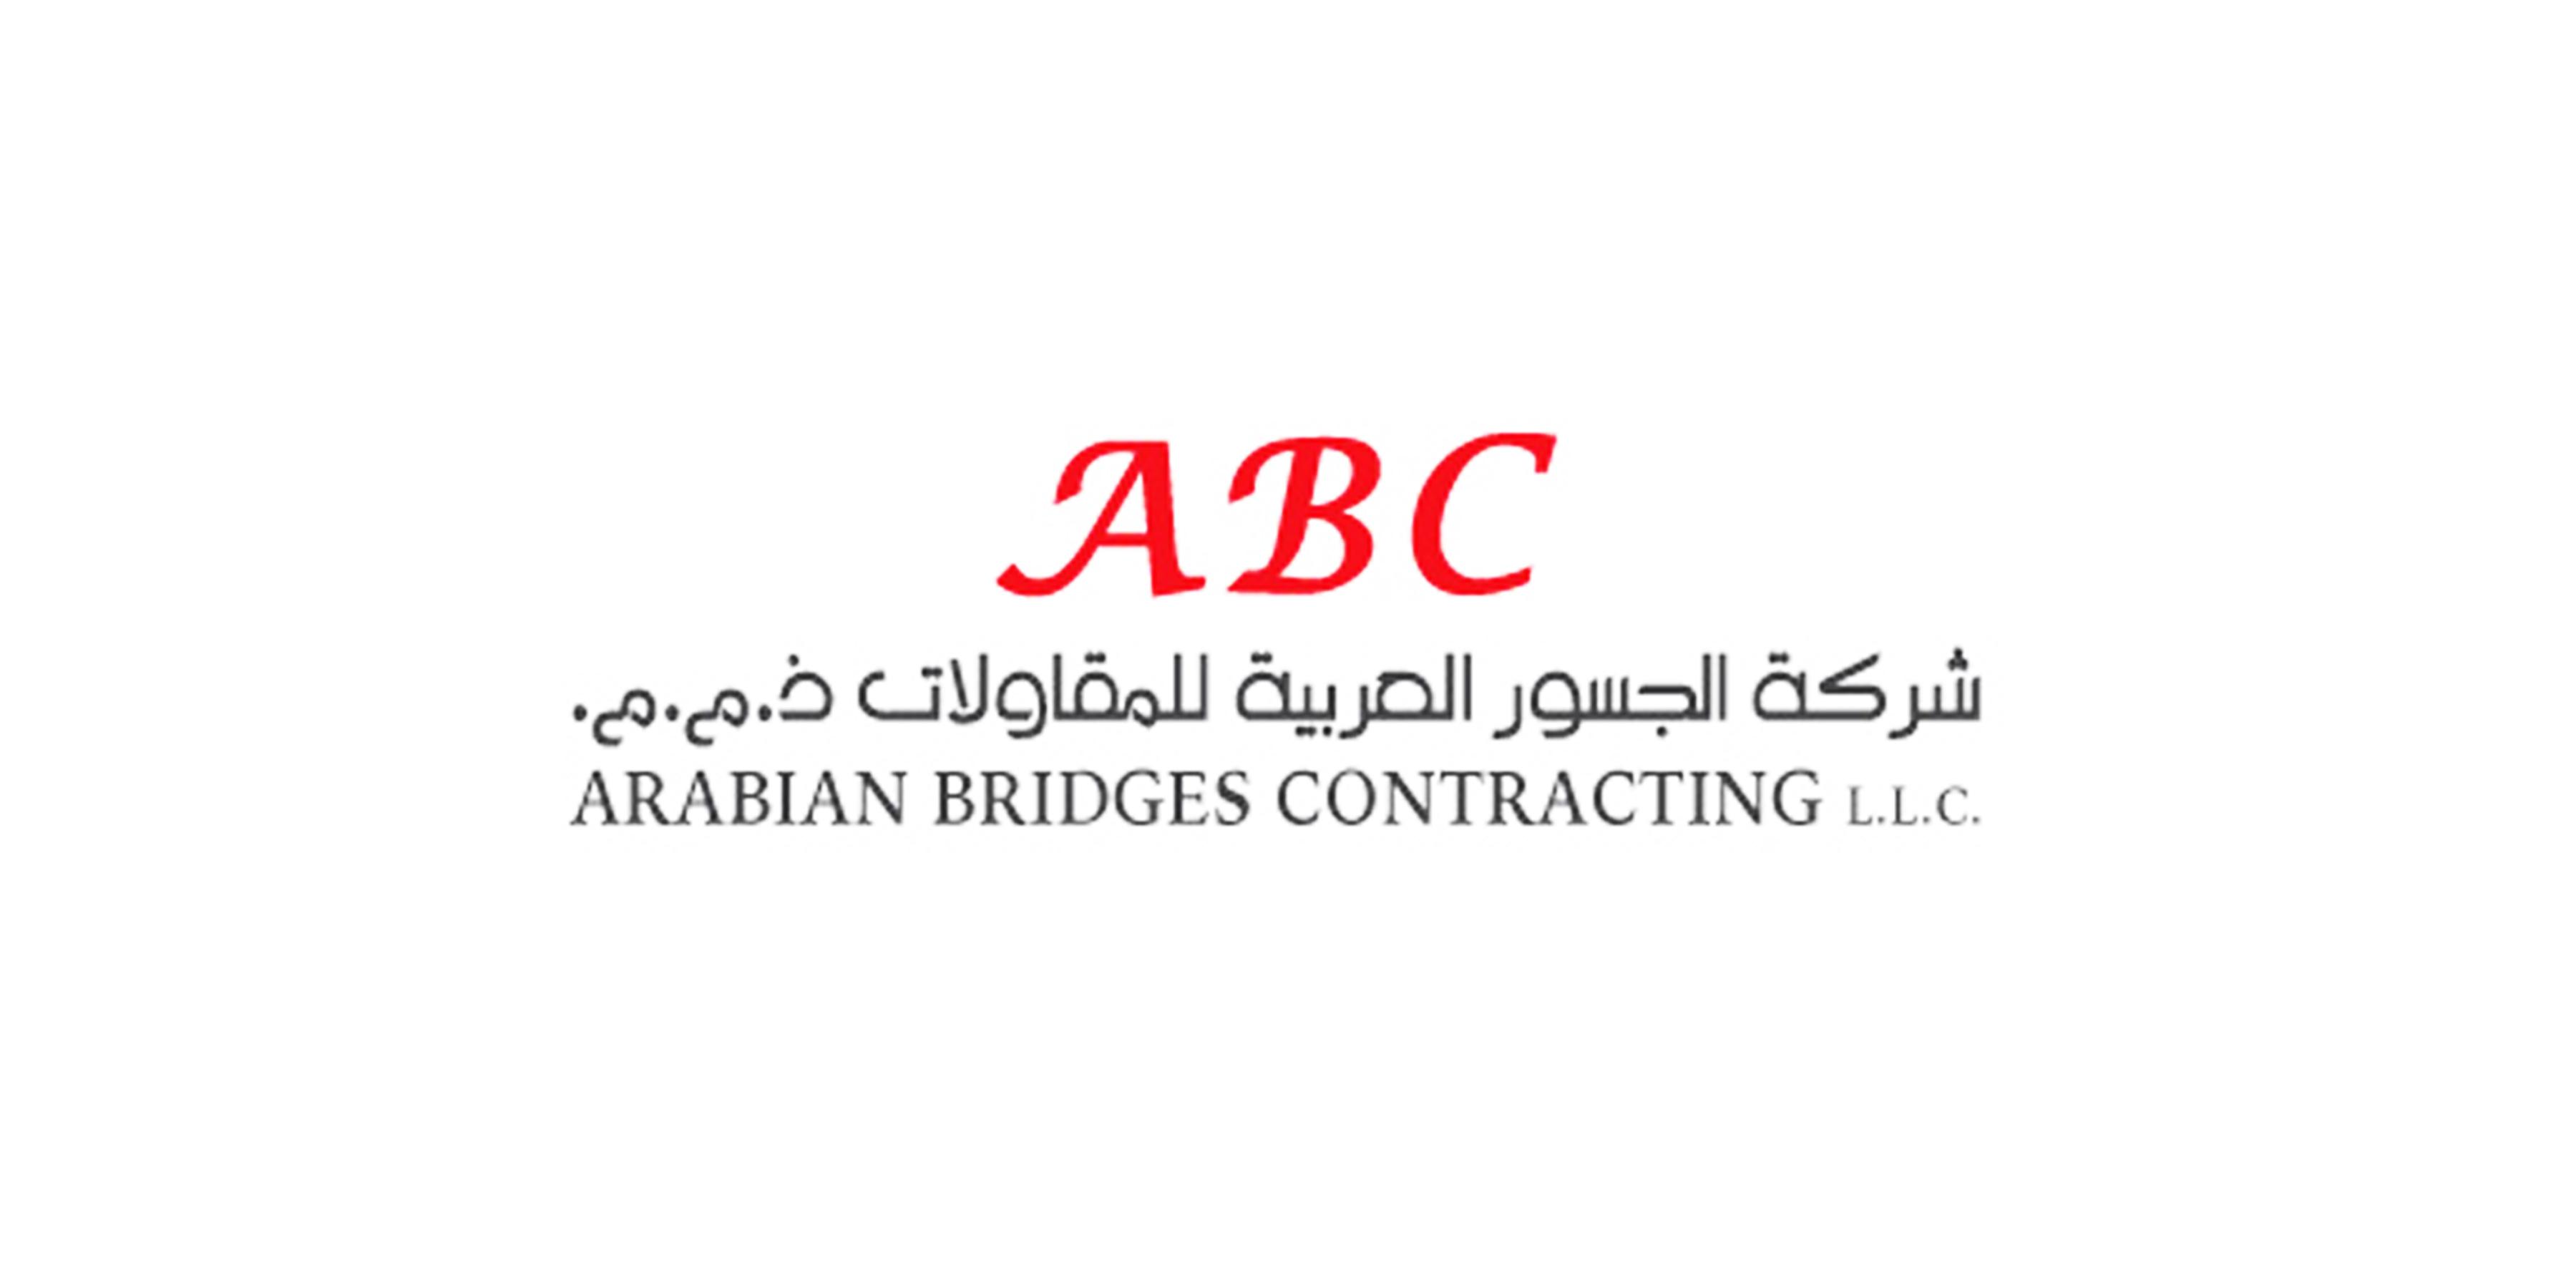 Arabian Bridges Contracting L.L.C